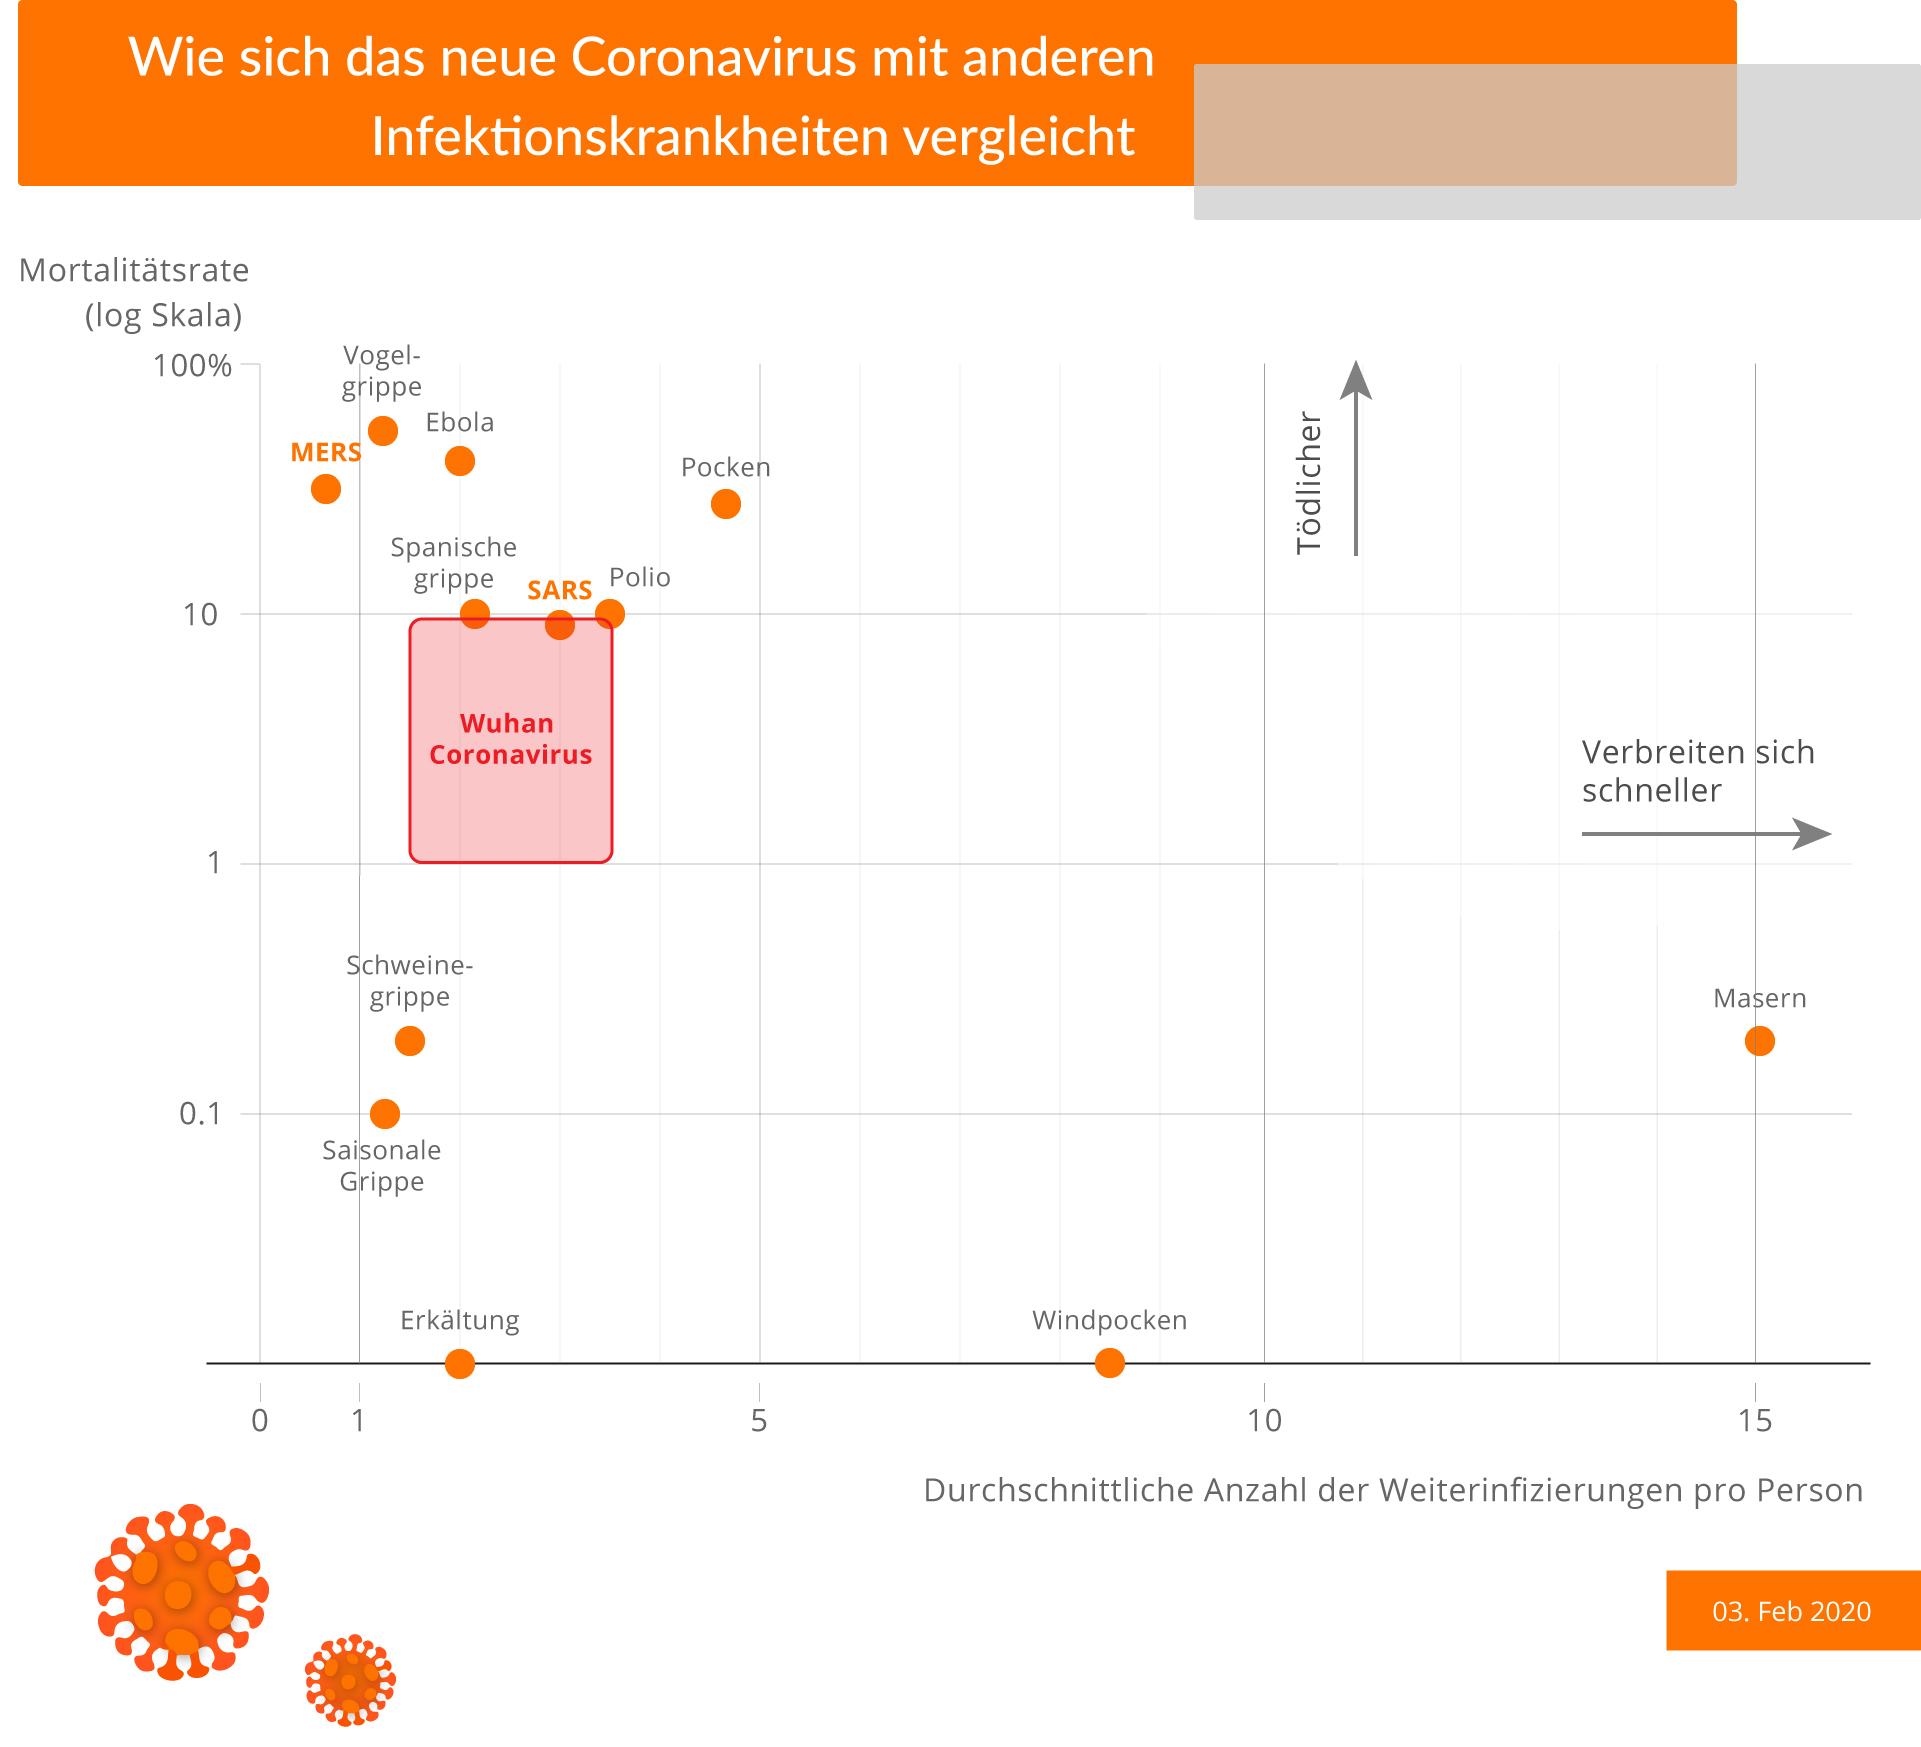 wie sich das neue coronavirus mit anderen infektionskrankheiten vergleich